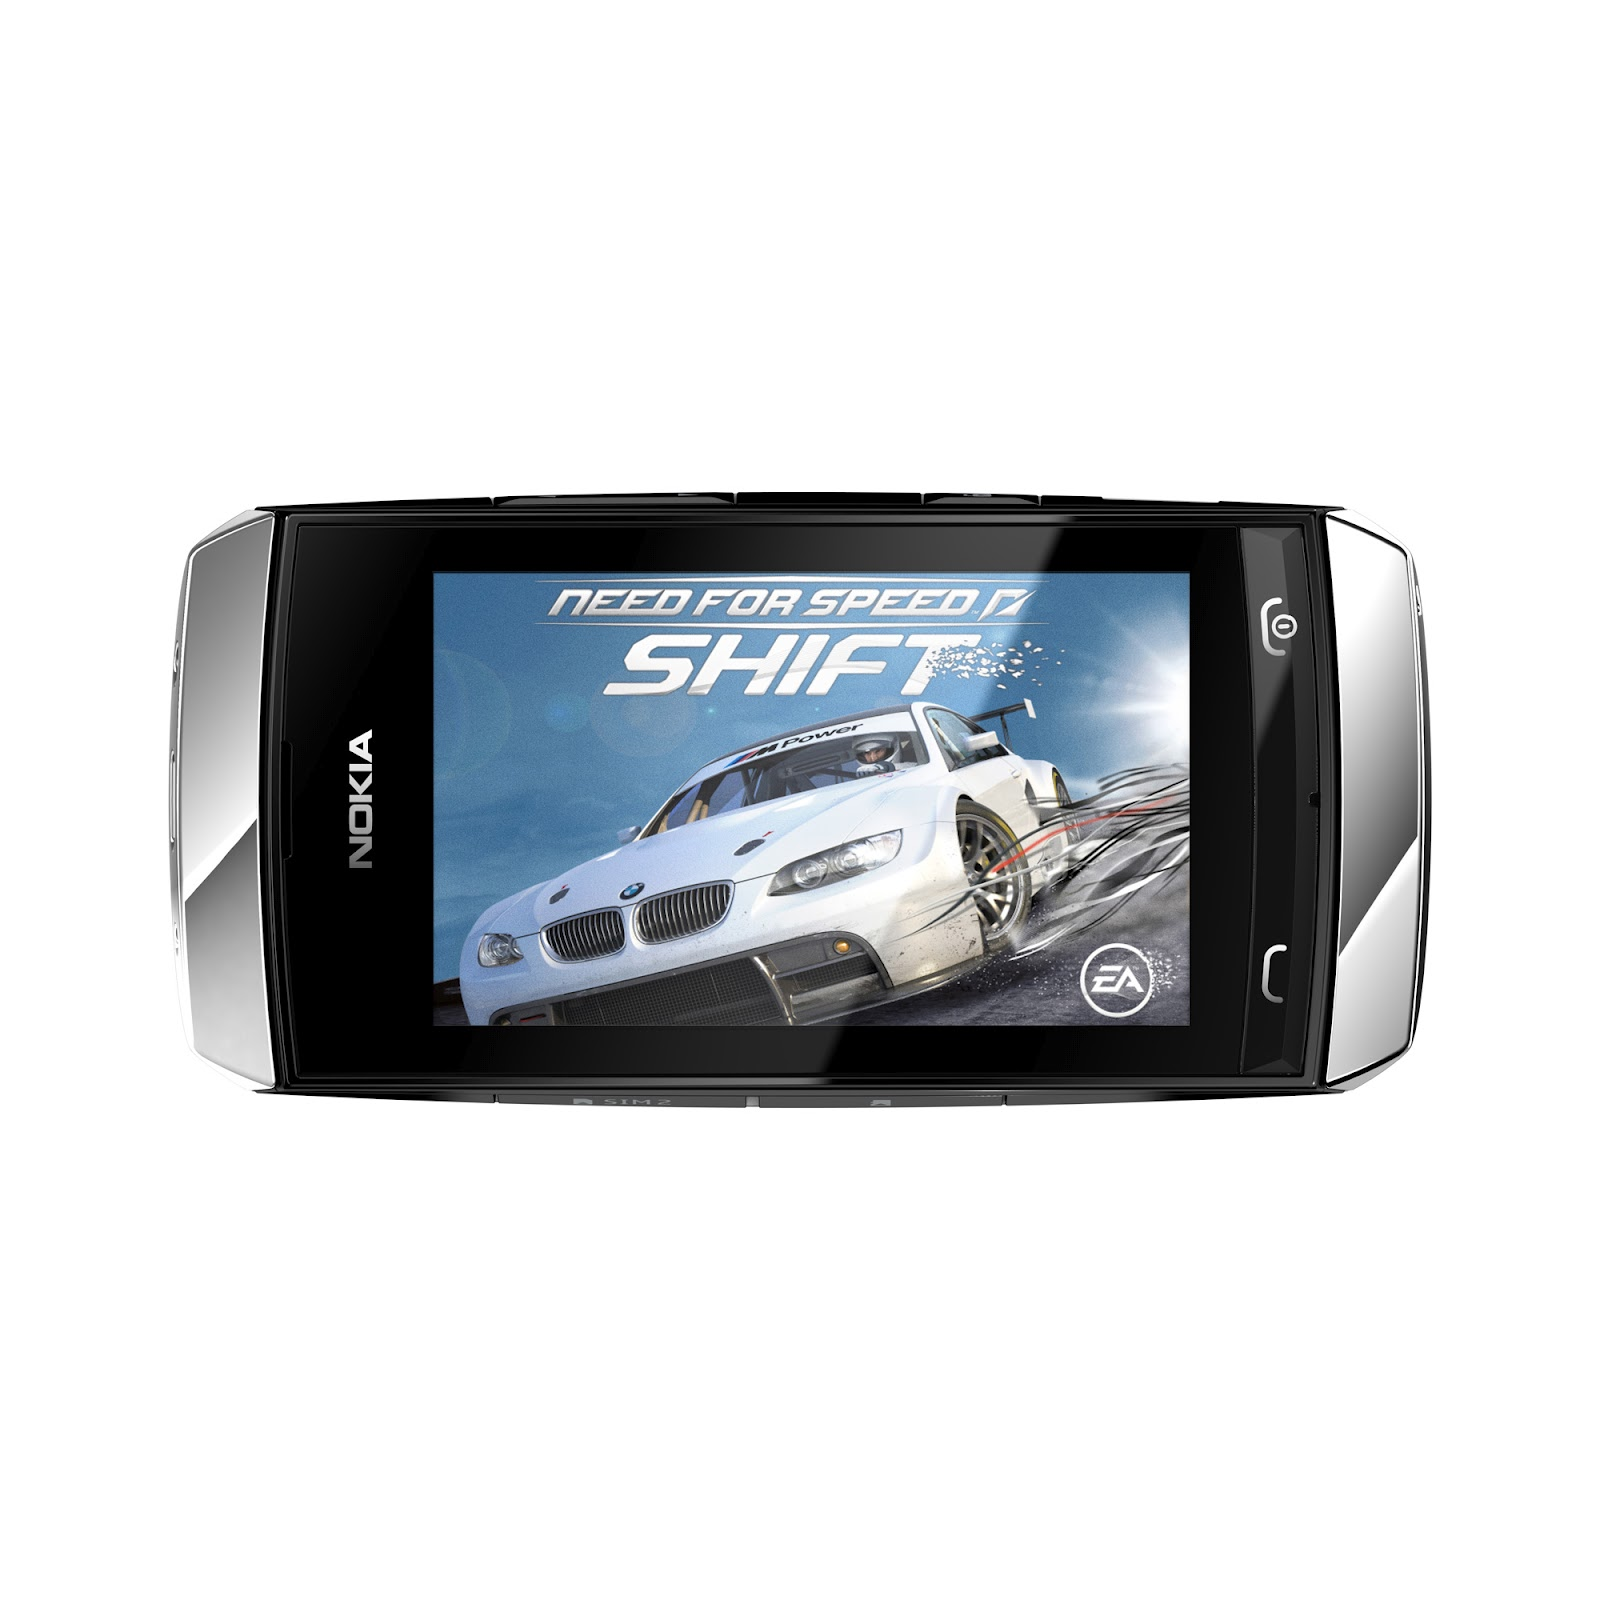 http://3.bp.blogspot.com/-jnsqC5sGHPk/UBQI27Ya6_I/AAAAAAAAC_0/N1K1VWadrCs/s1600/Nokia+Asha+305-18.jpg